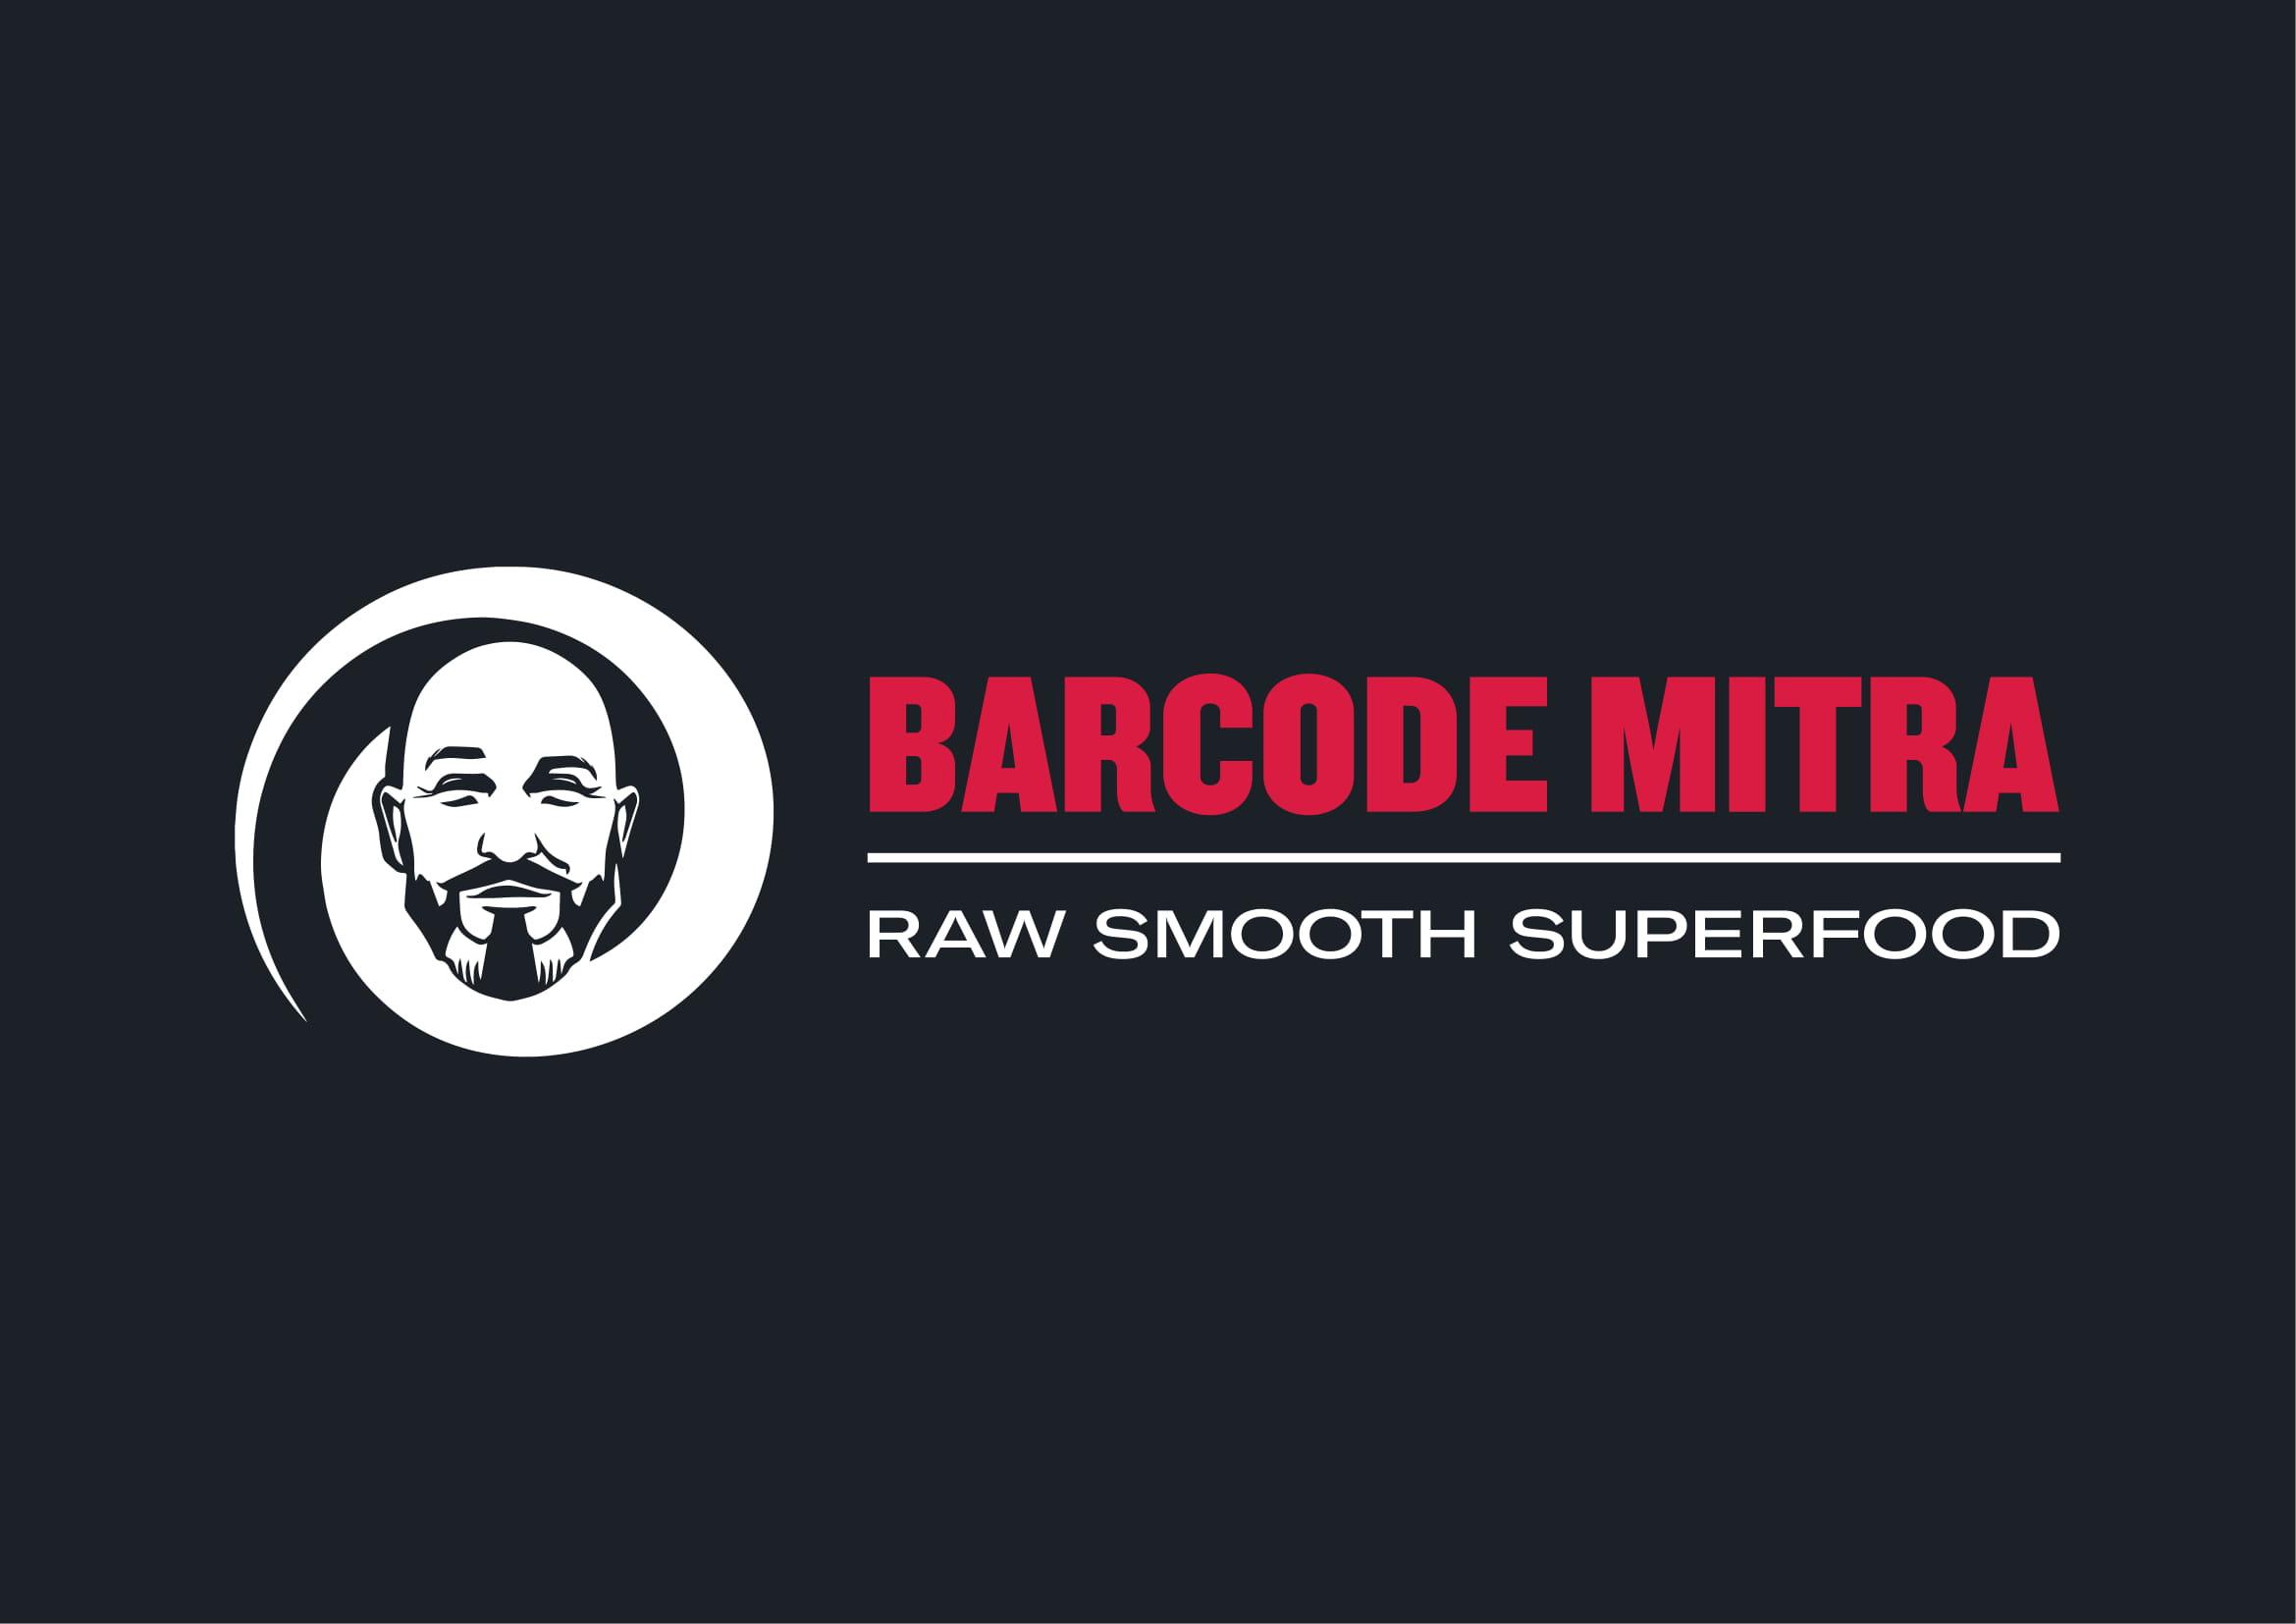 Barcode Mitra